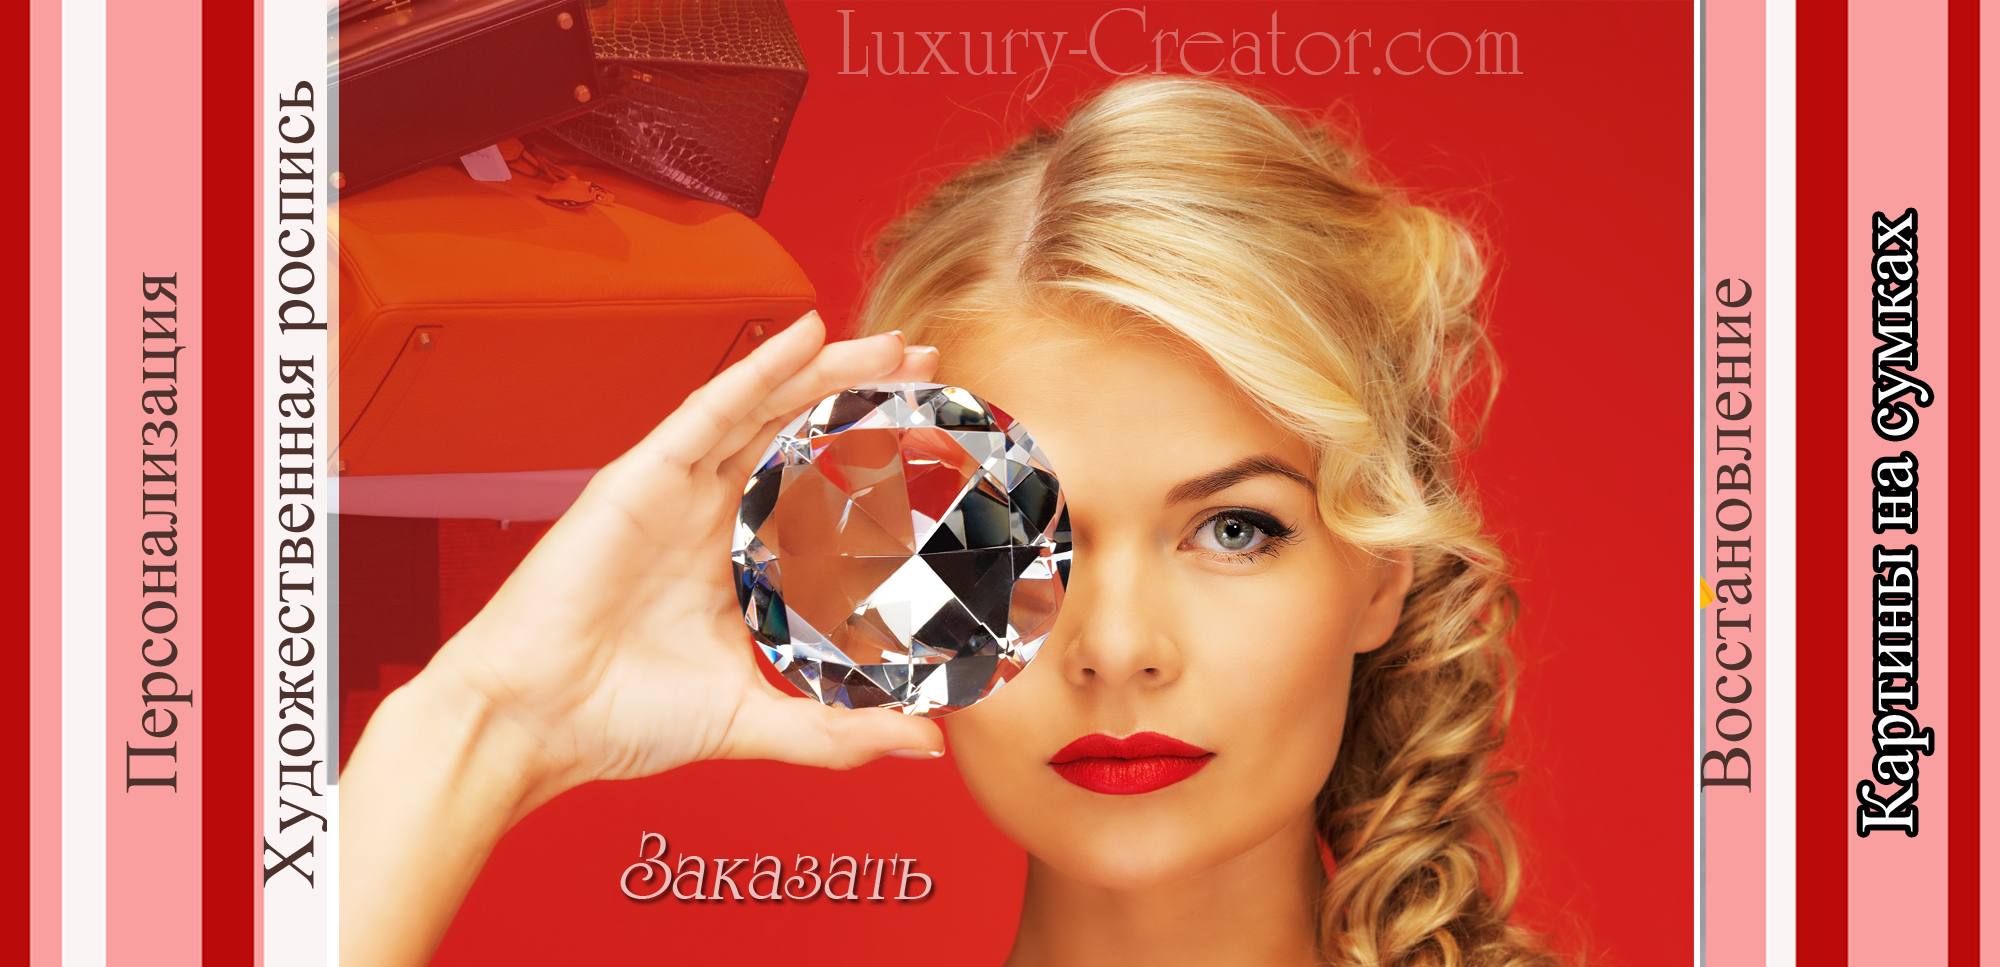 luxury-creator.com заказать роспись